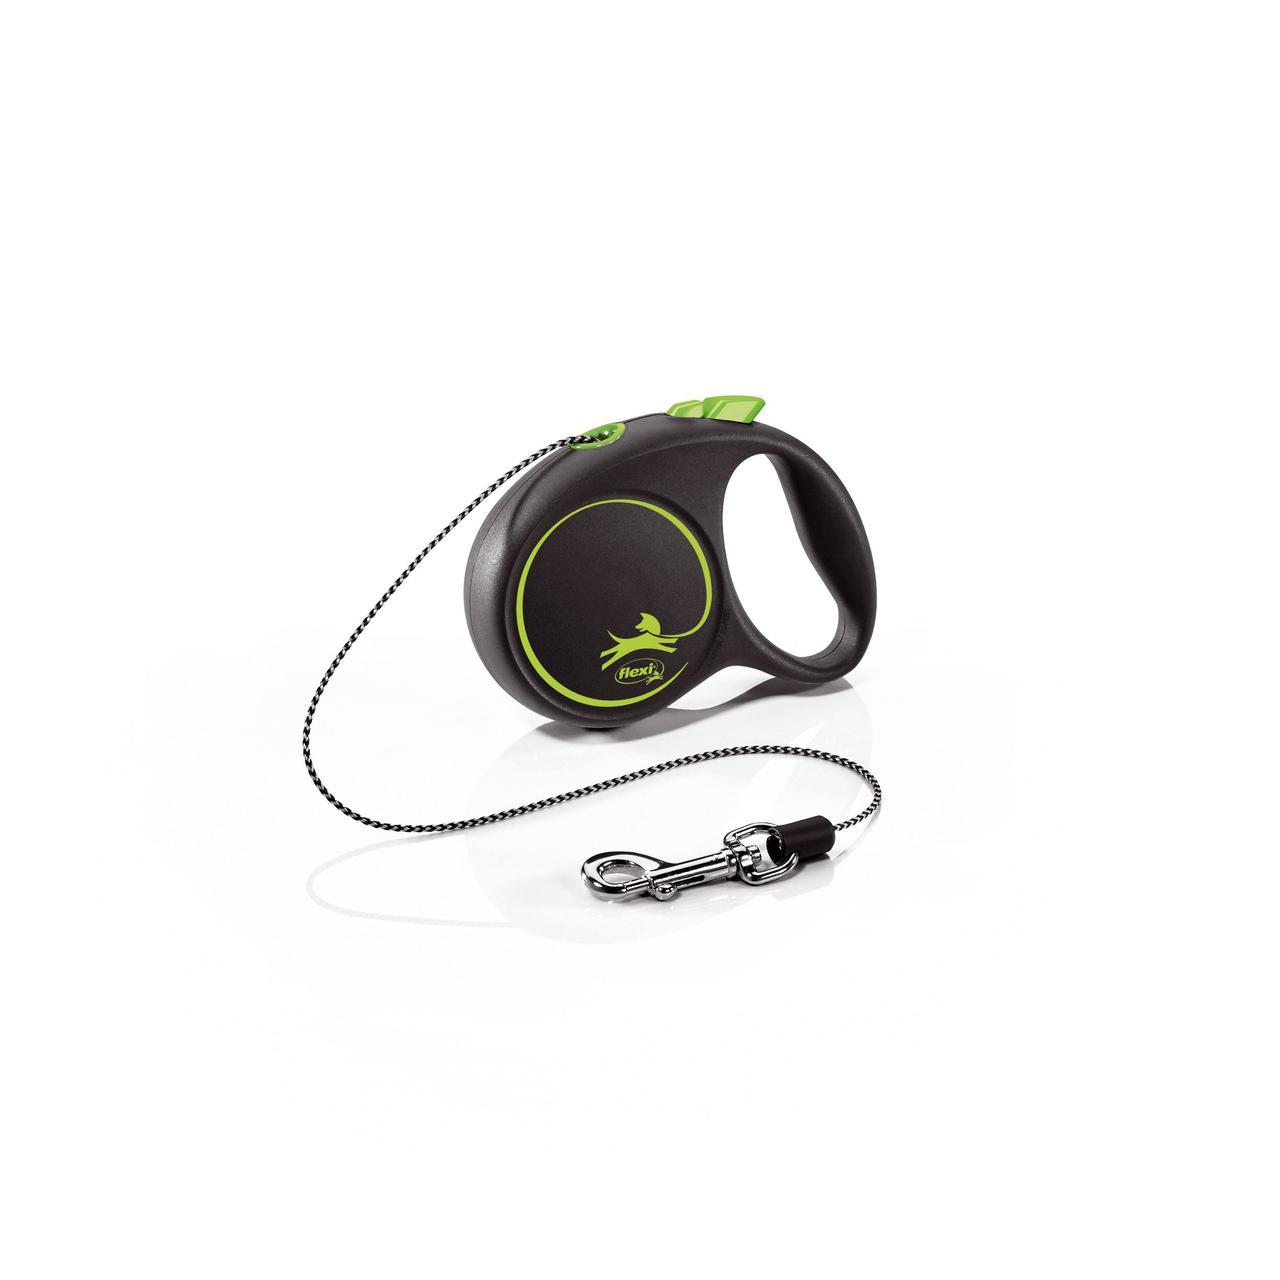 Поводок-рулетка Flexi с тросом Design XS 3 м / 8 кг зеленая